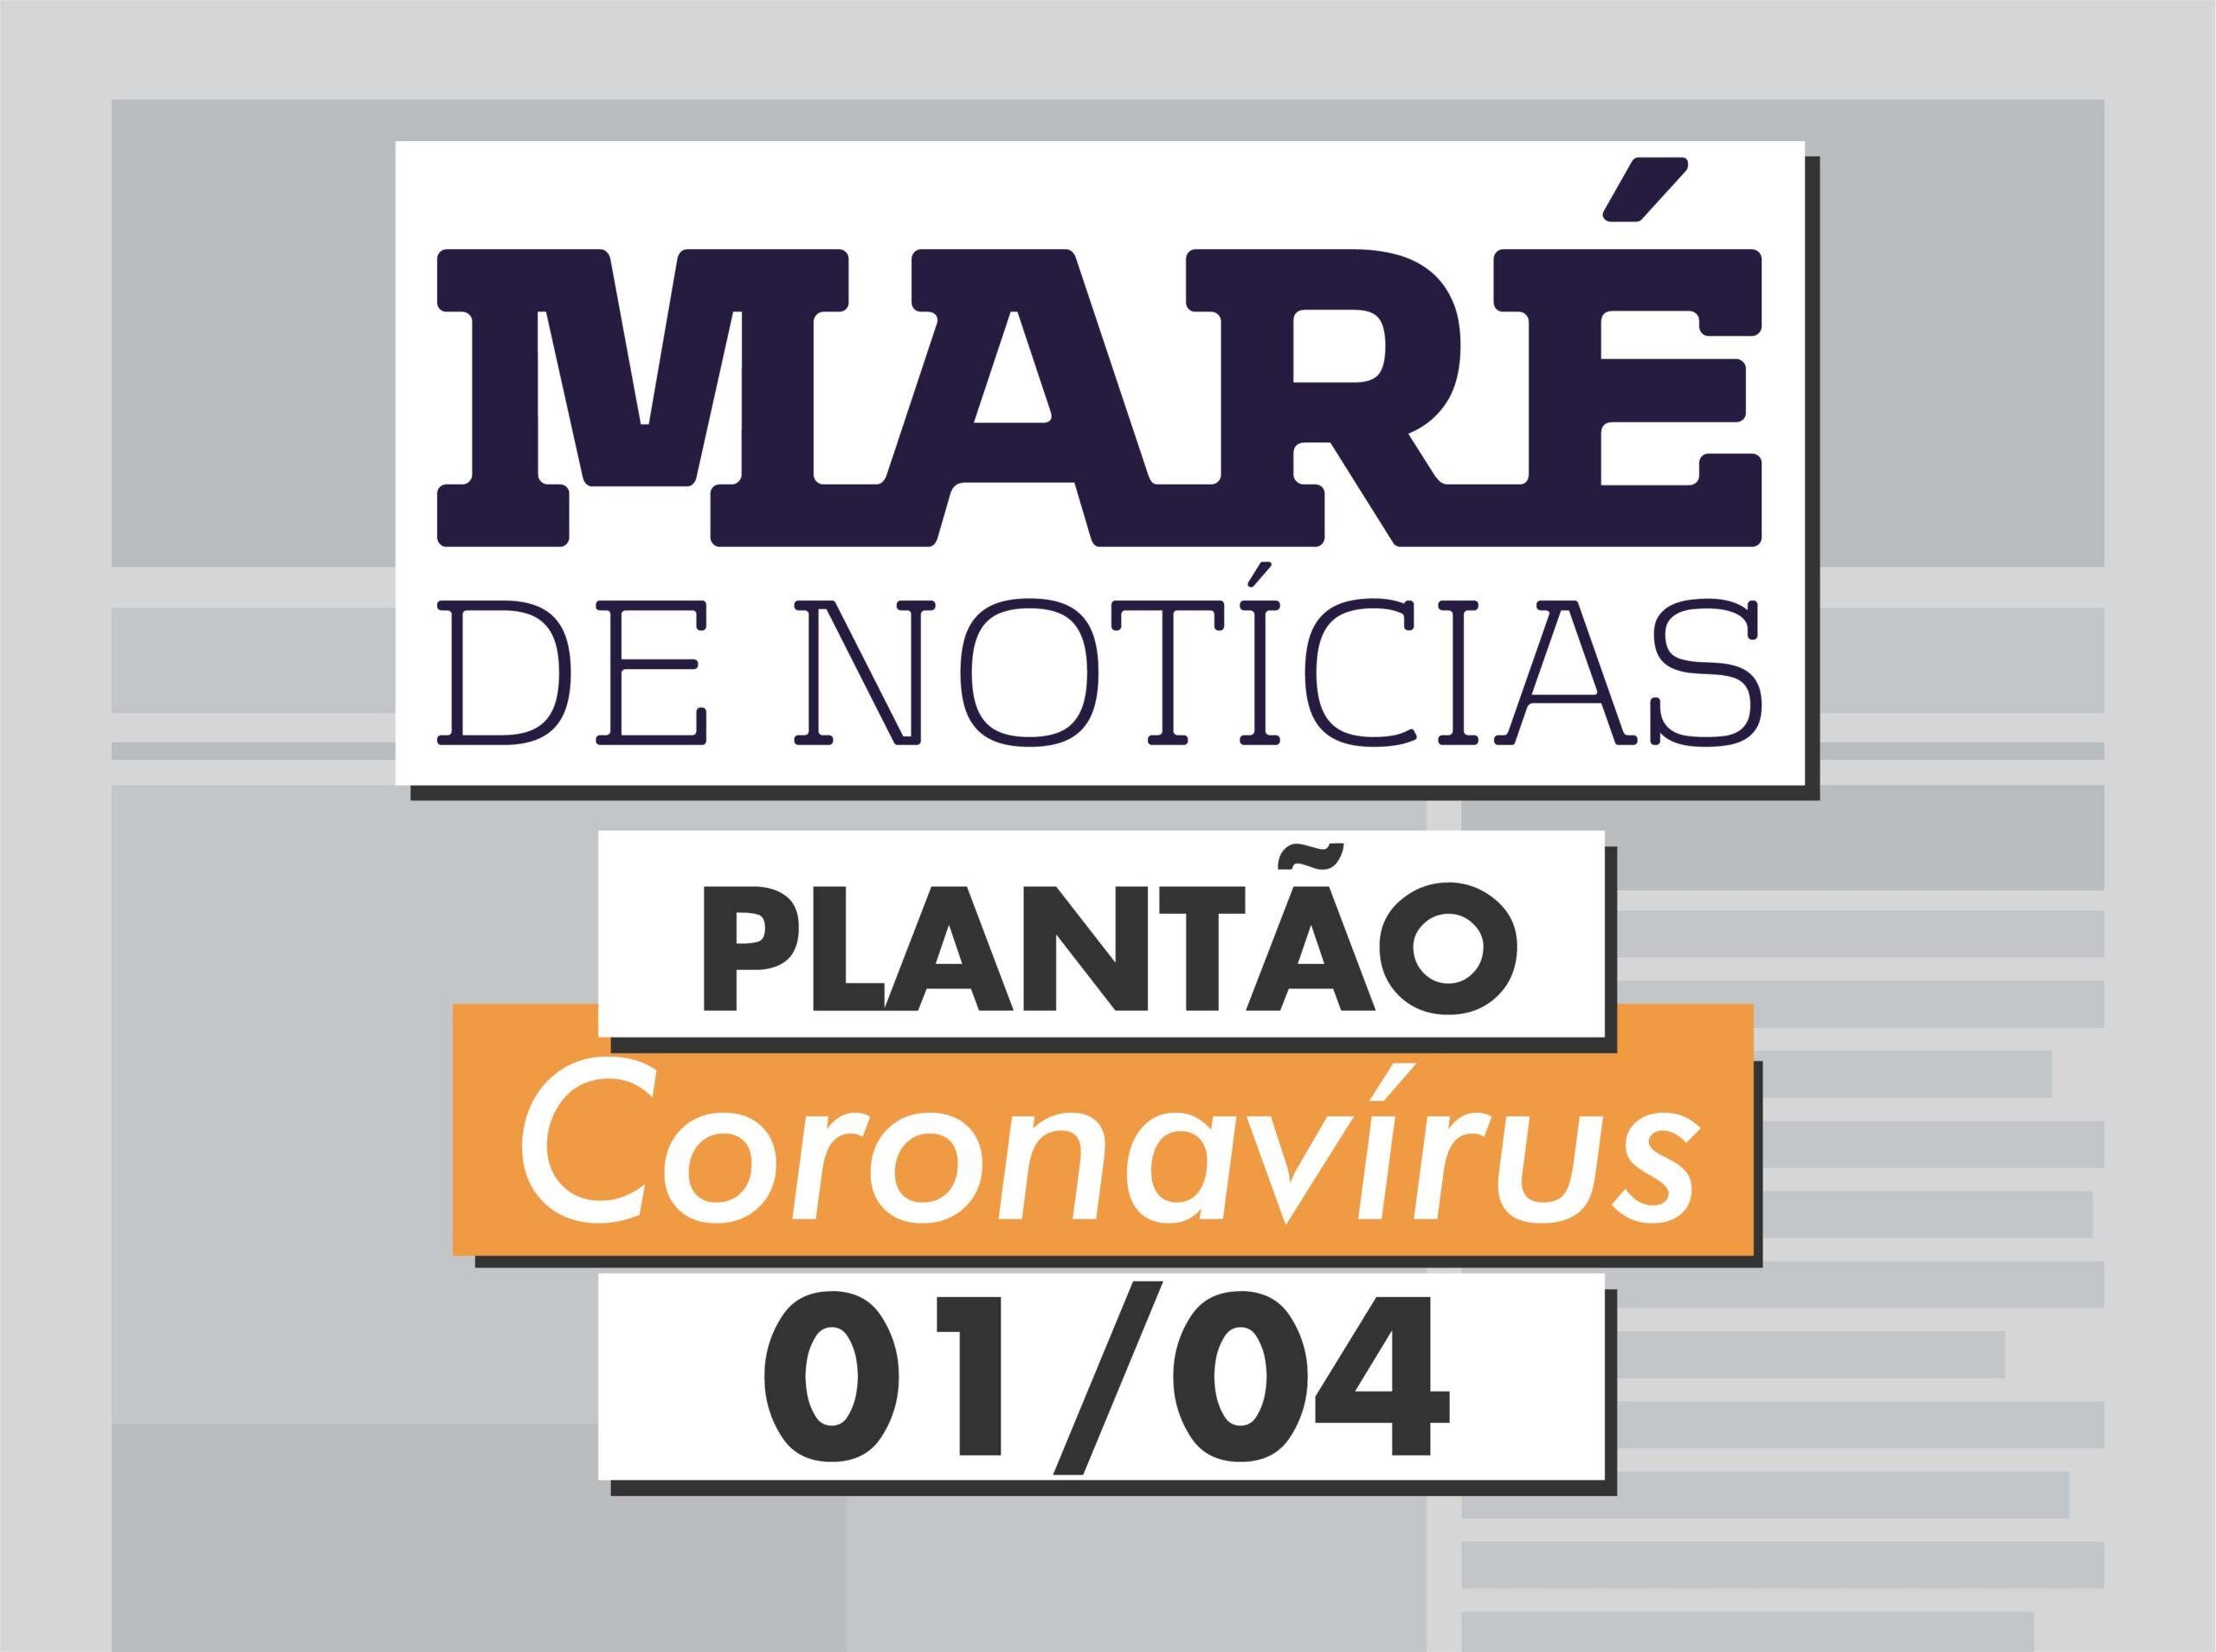 Ronda Coronavírus: 200 dias letivos não serão obrigatórios